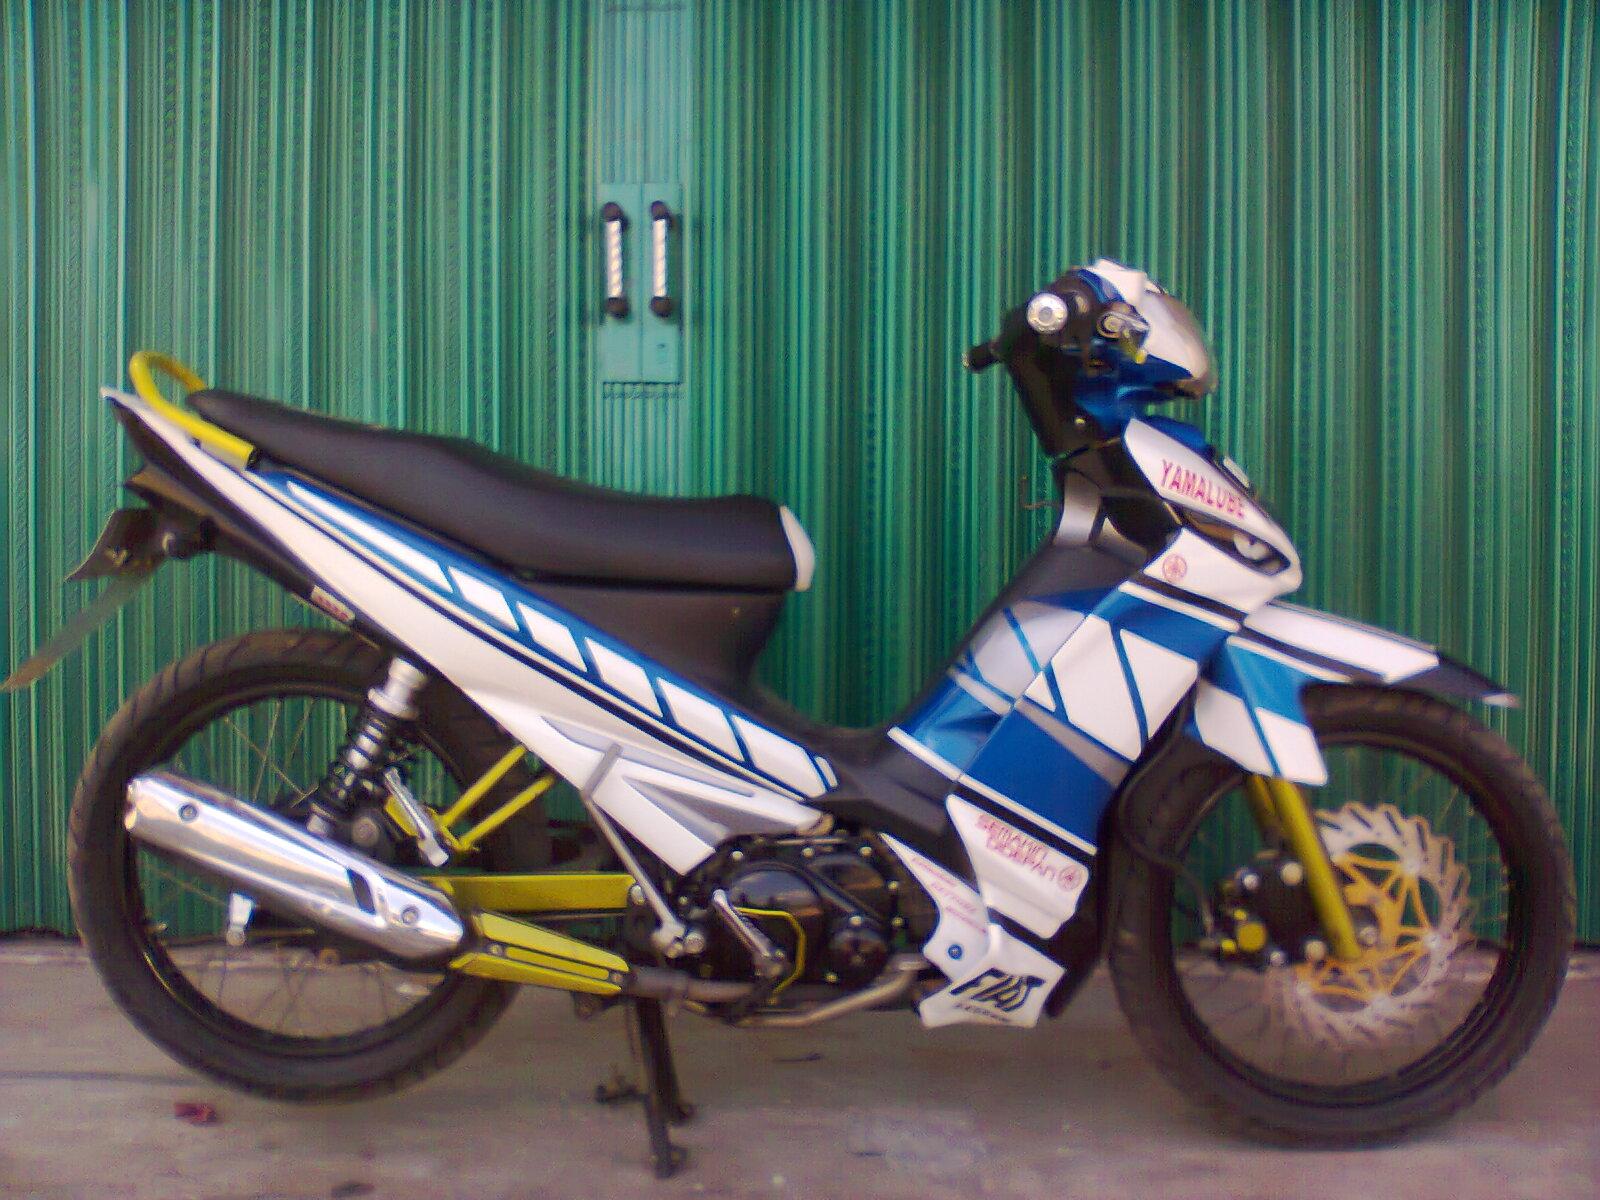 Koleksi Modifikasi Motor Vega Zr Simpel Terlengkap Modifikasi Style